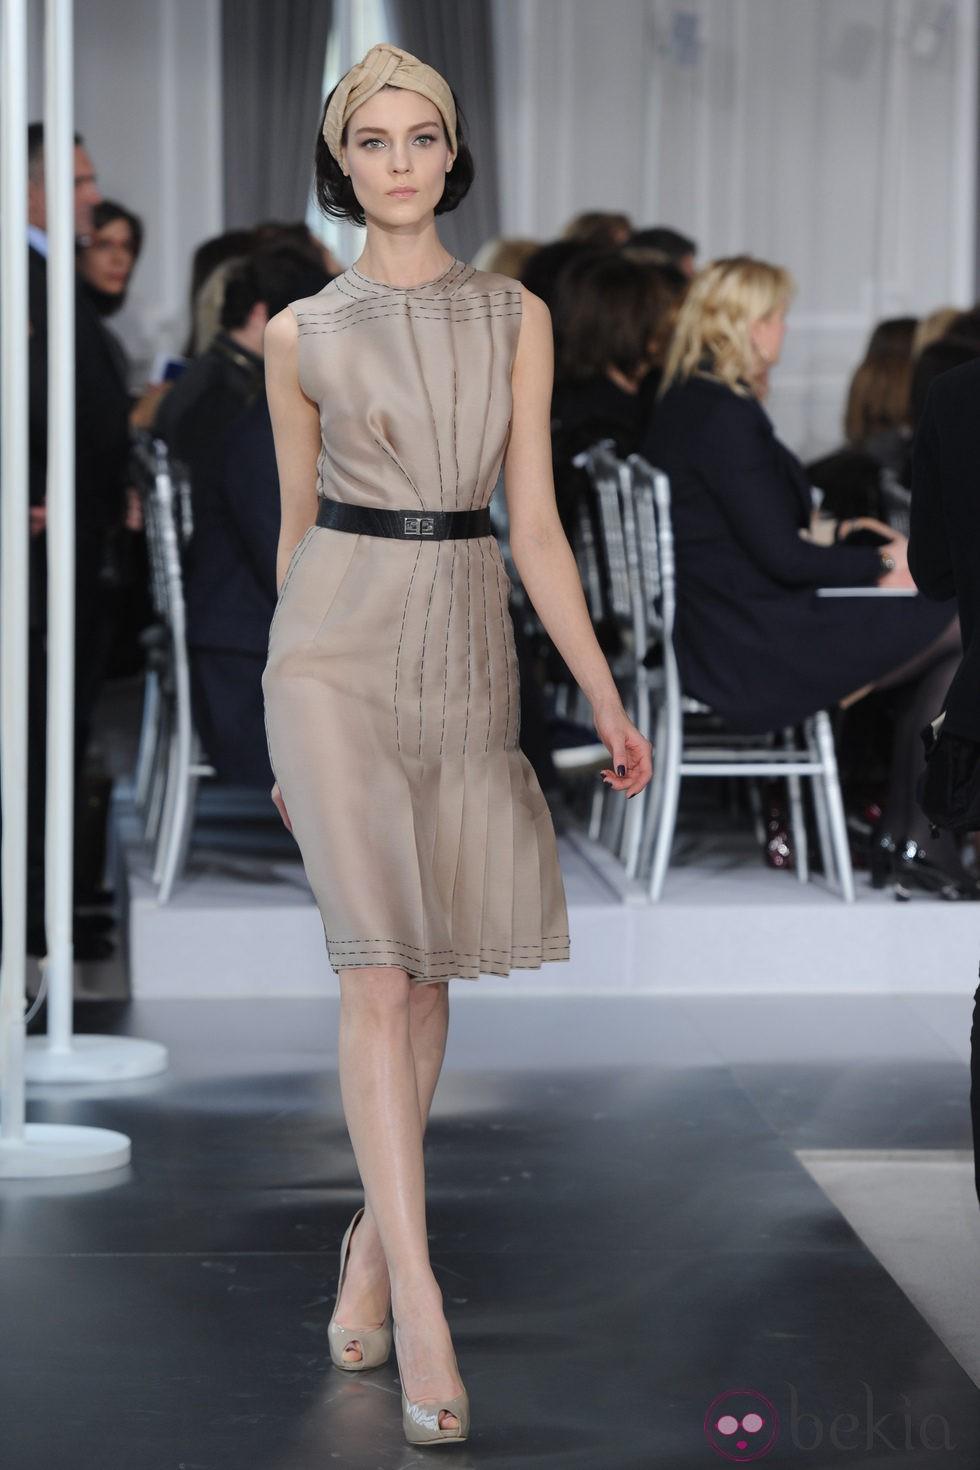 Dise o plisado en nude con costuras negras simuladas de - Diseno alta costura ...